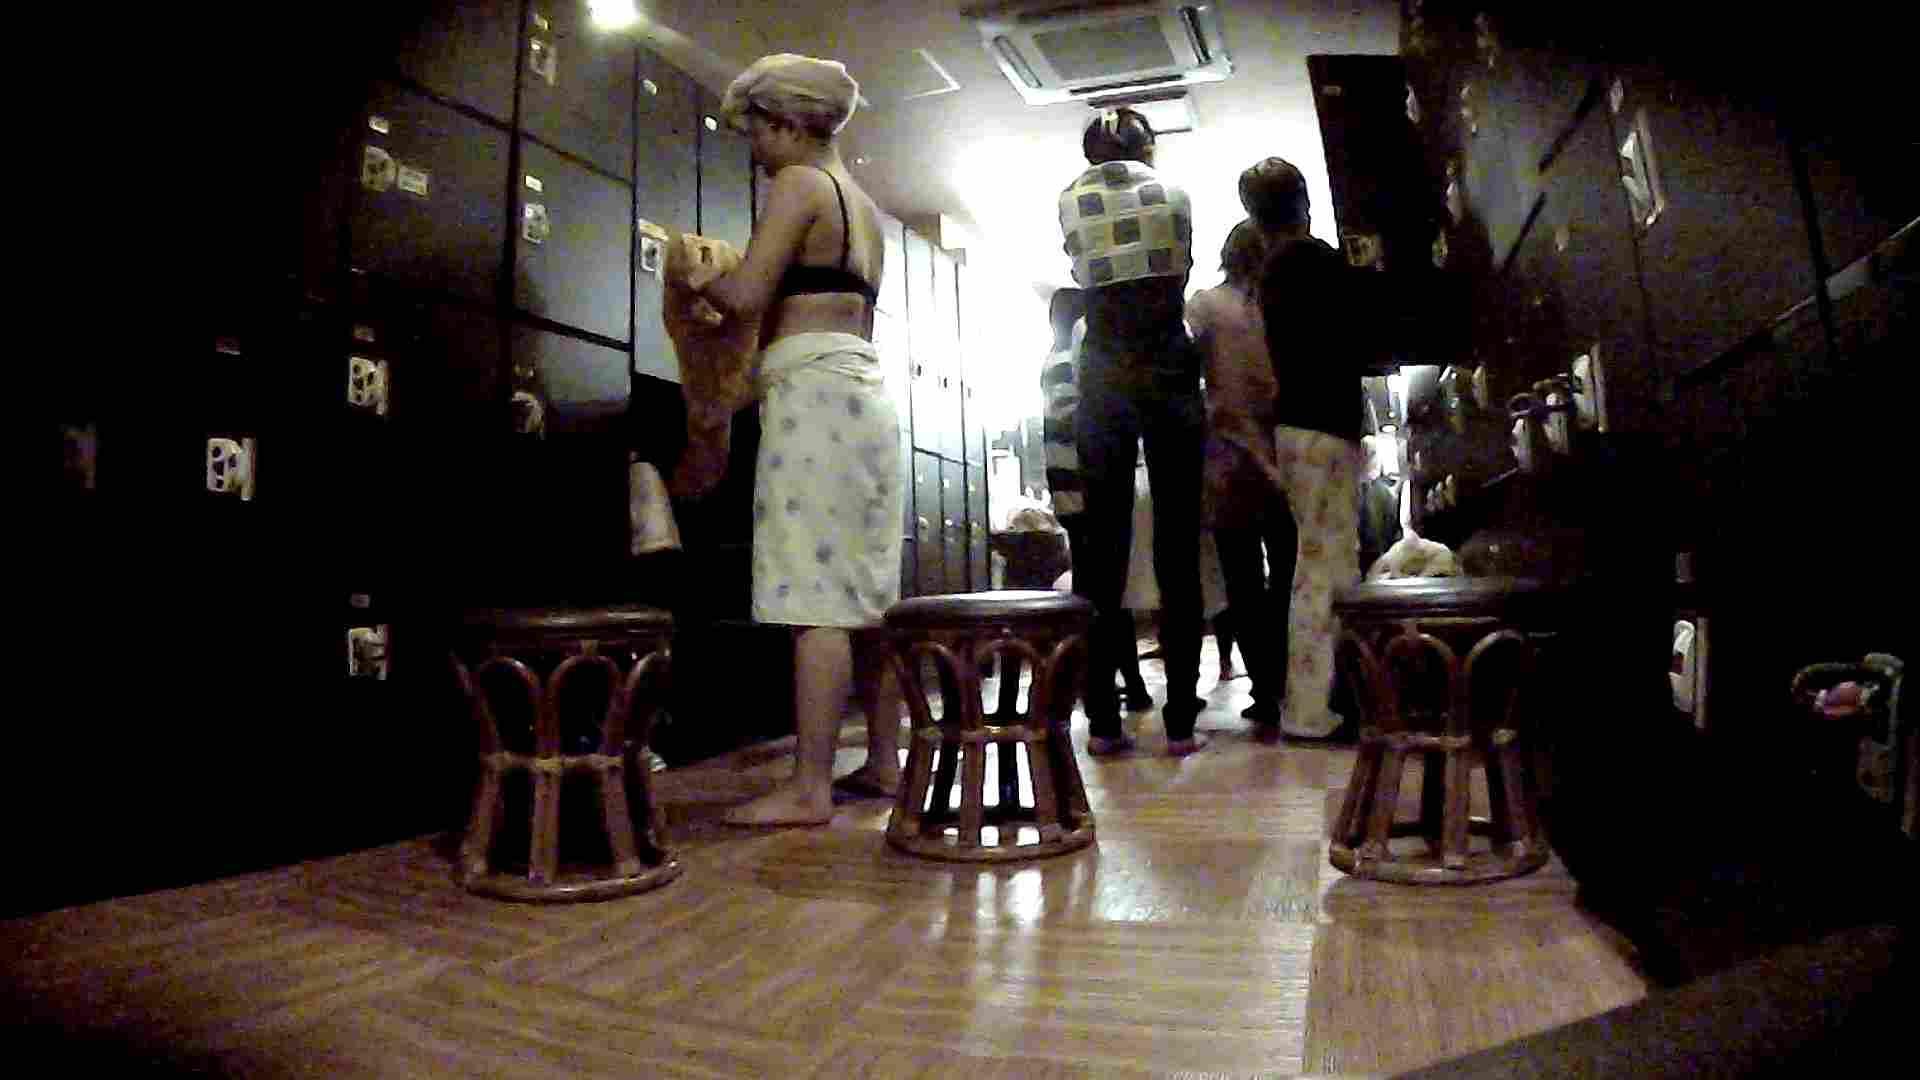 脱衣所!オムニバス 大混雑!注目はあの人の御御足でしょう。 女湯のぞき オマンコ無修正動画無料 109枚 5